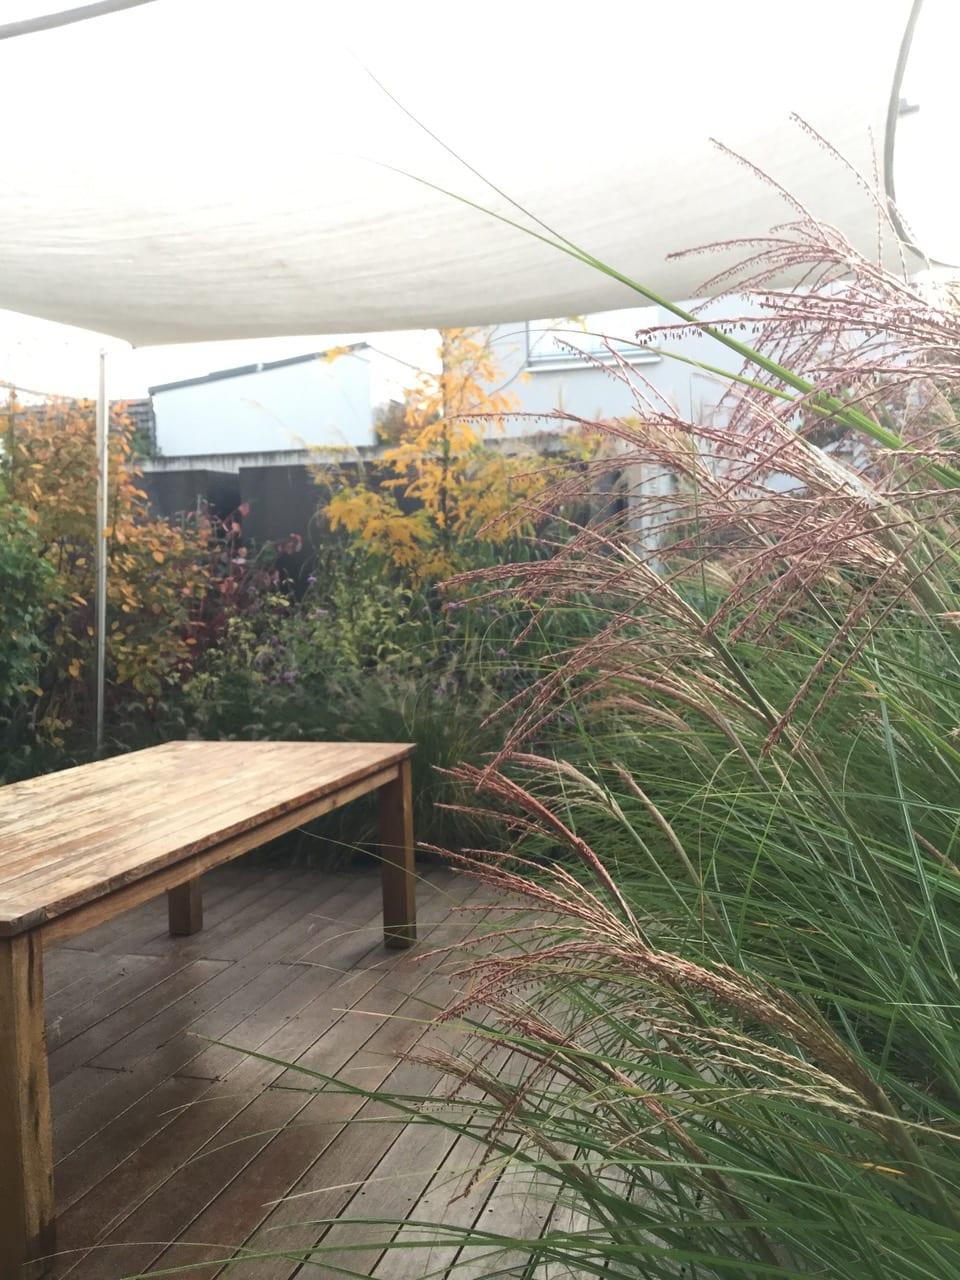 Terrasse mit Tisch und Bepflanzung